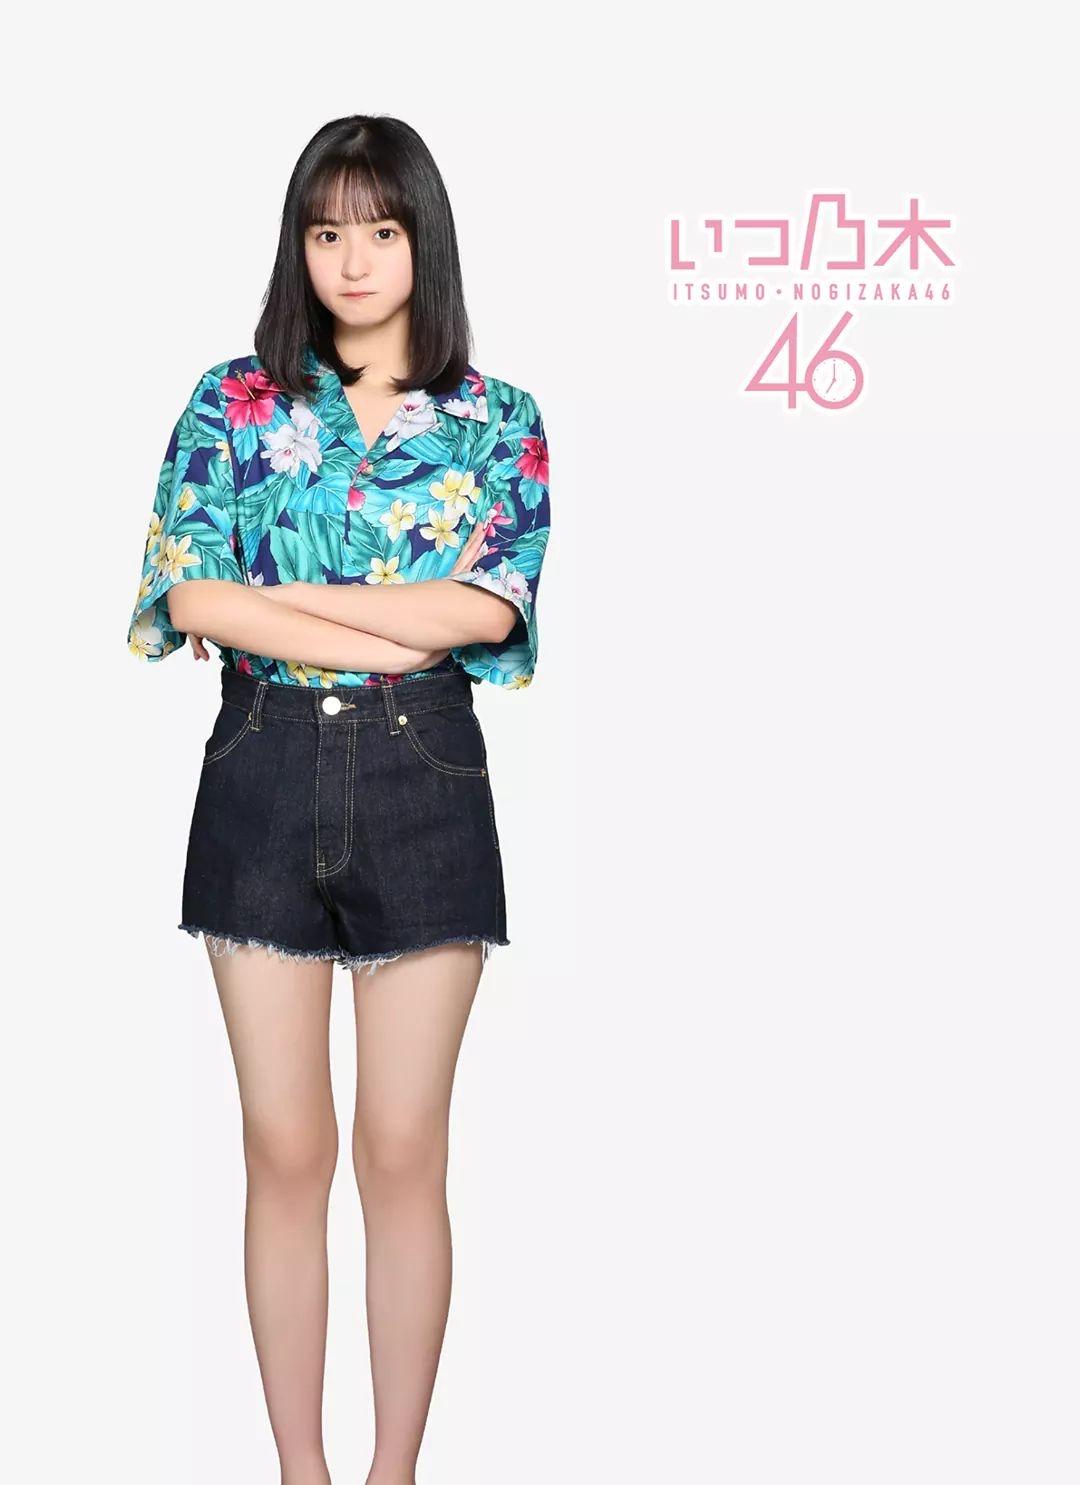 さくら 私服 遠藤 私服がダサい芸能人40選~男性女性別&画像付きランキング【2021最新版】